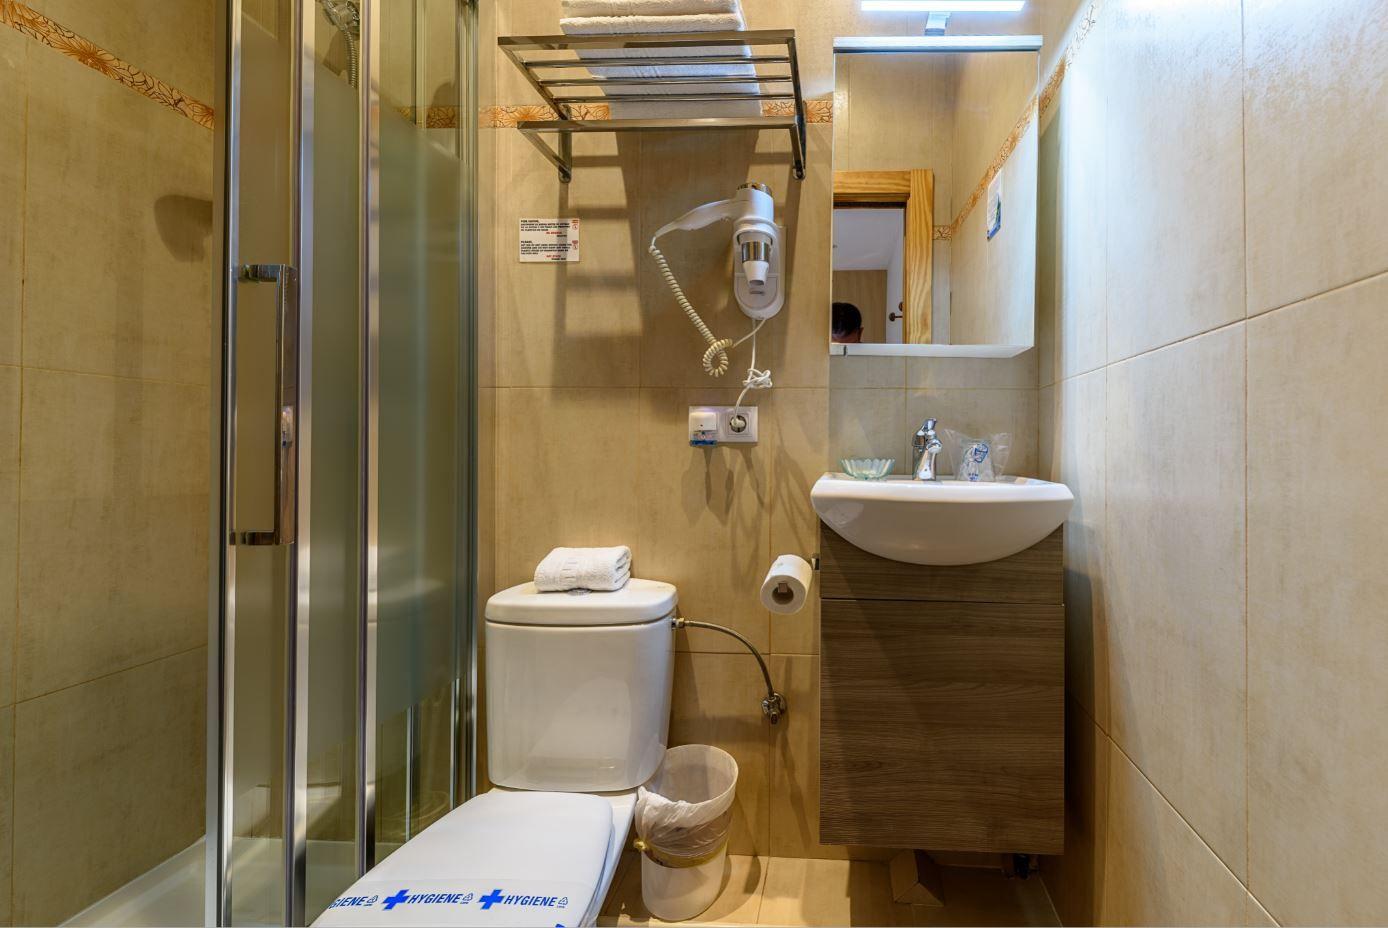 Baño de Habitación Cuadruple en hotel Castro Urdiales barato